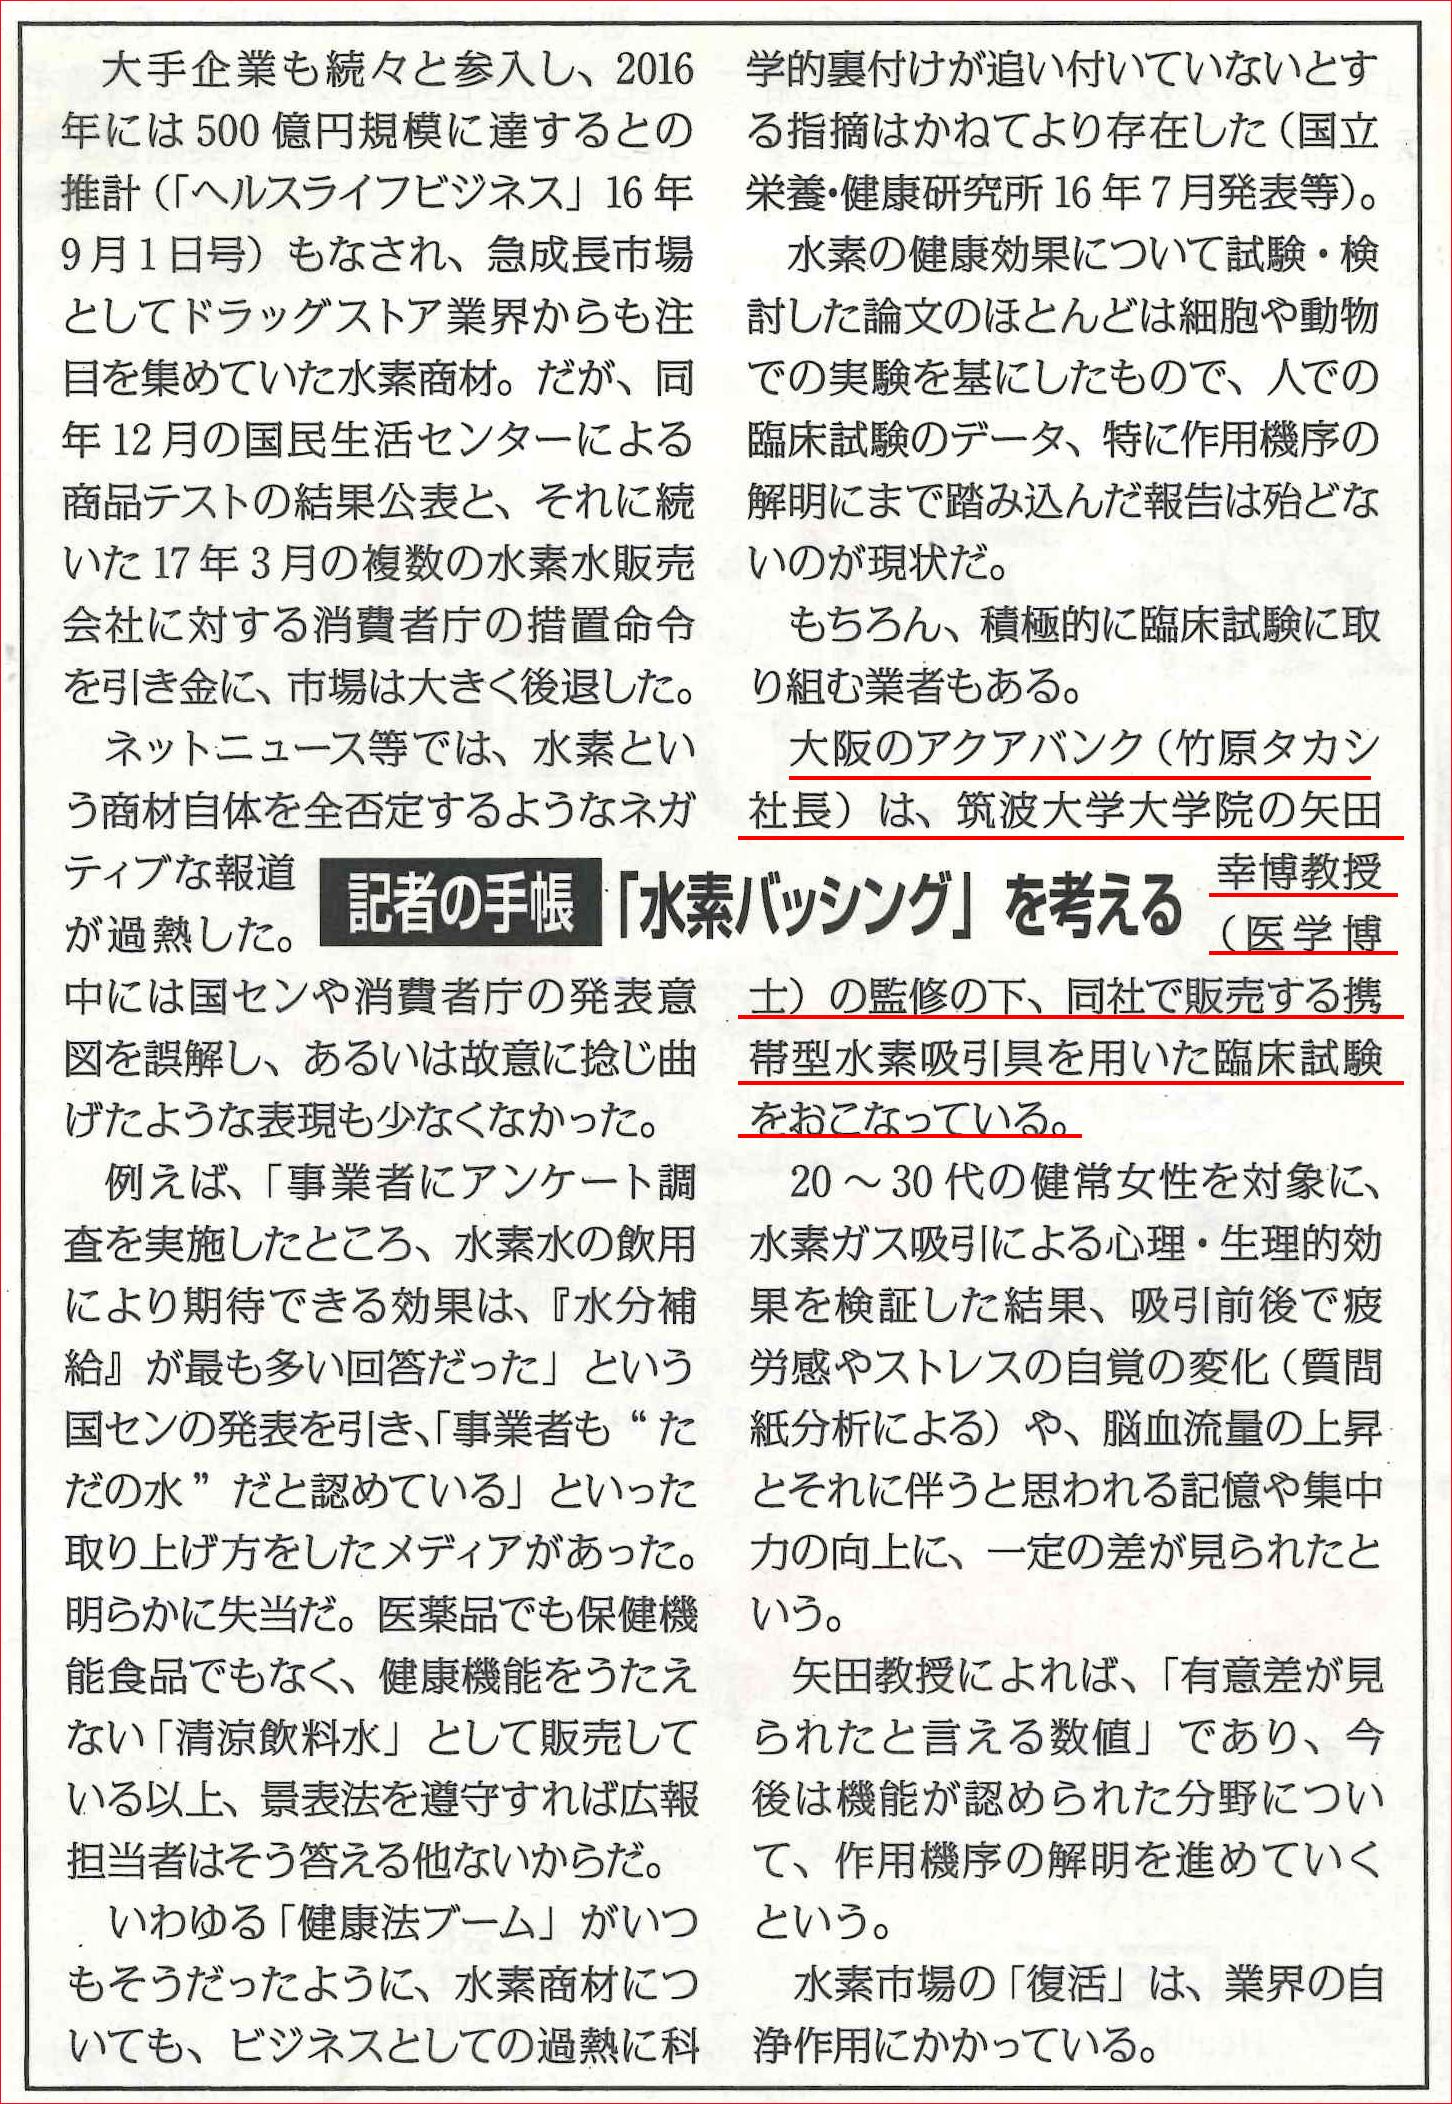 月刊H&Bリテイル平成30年2月号より抜粋